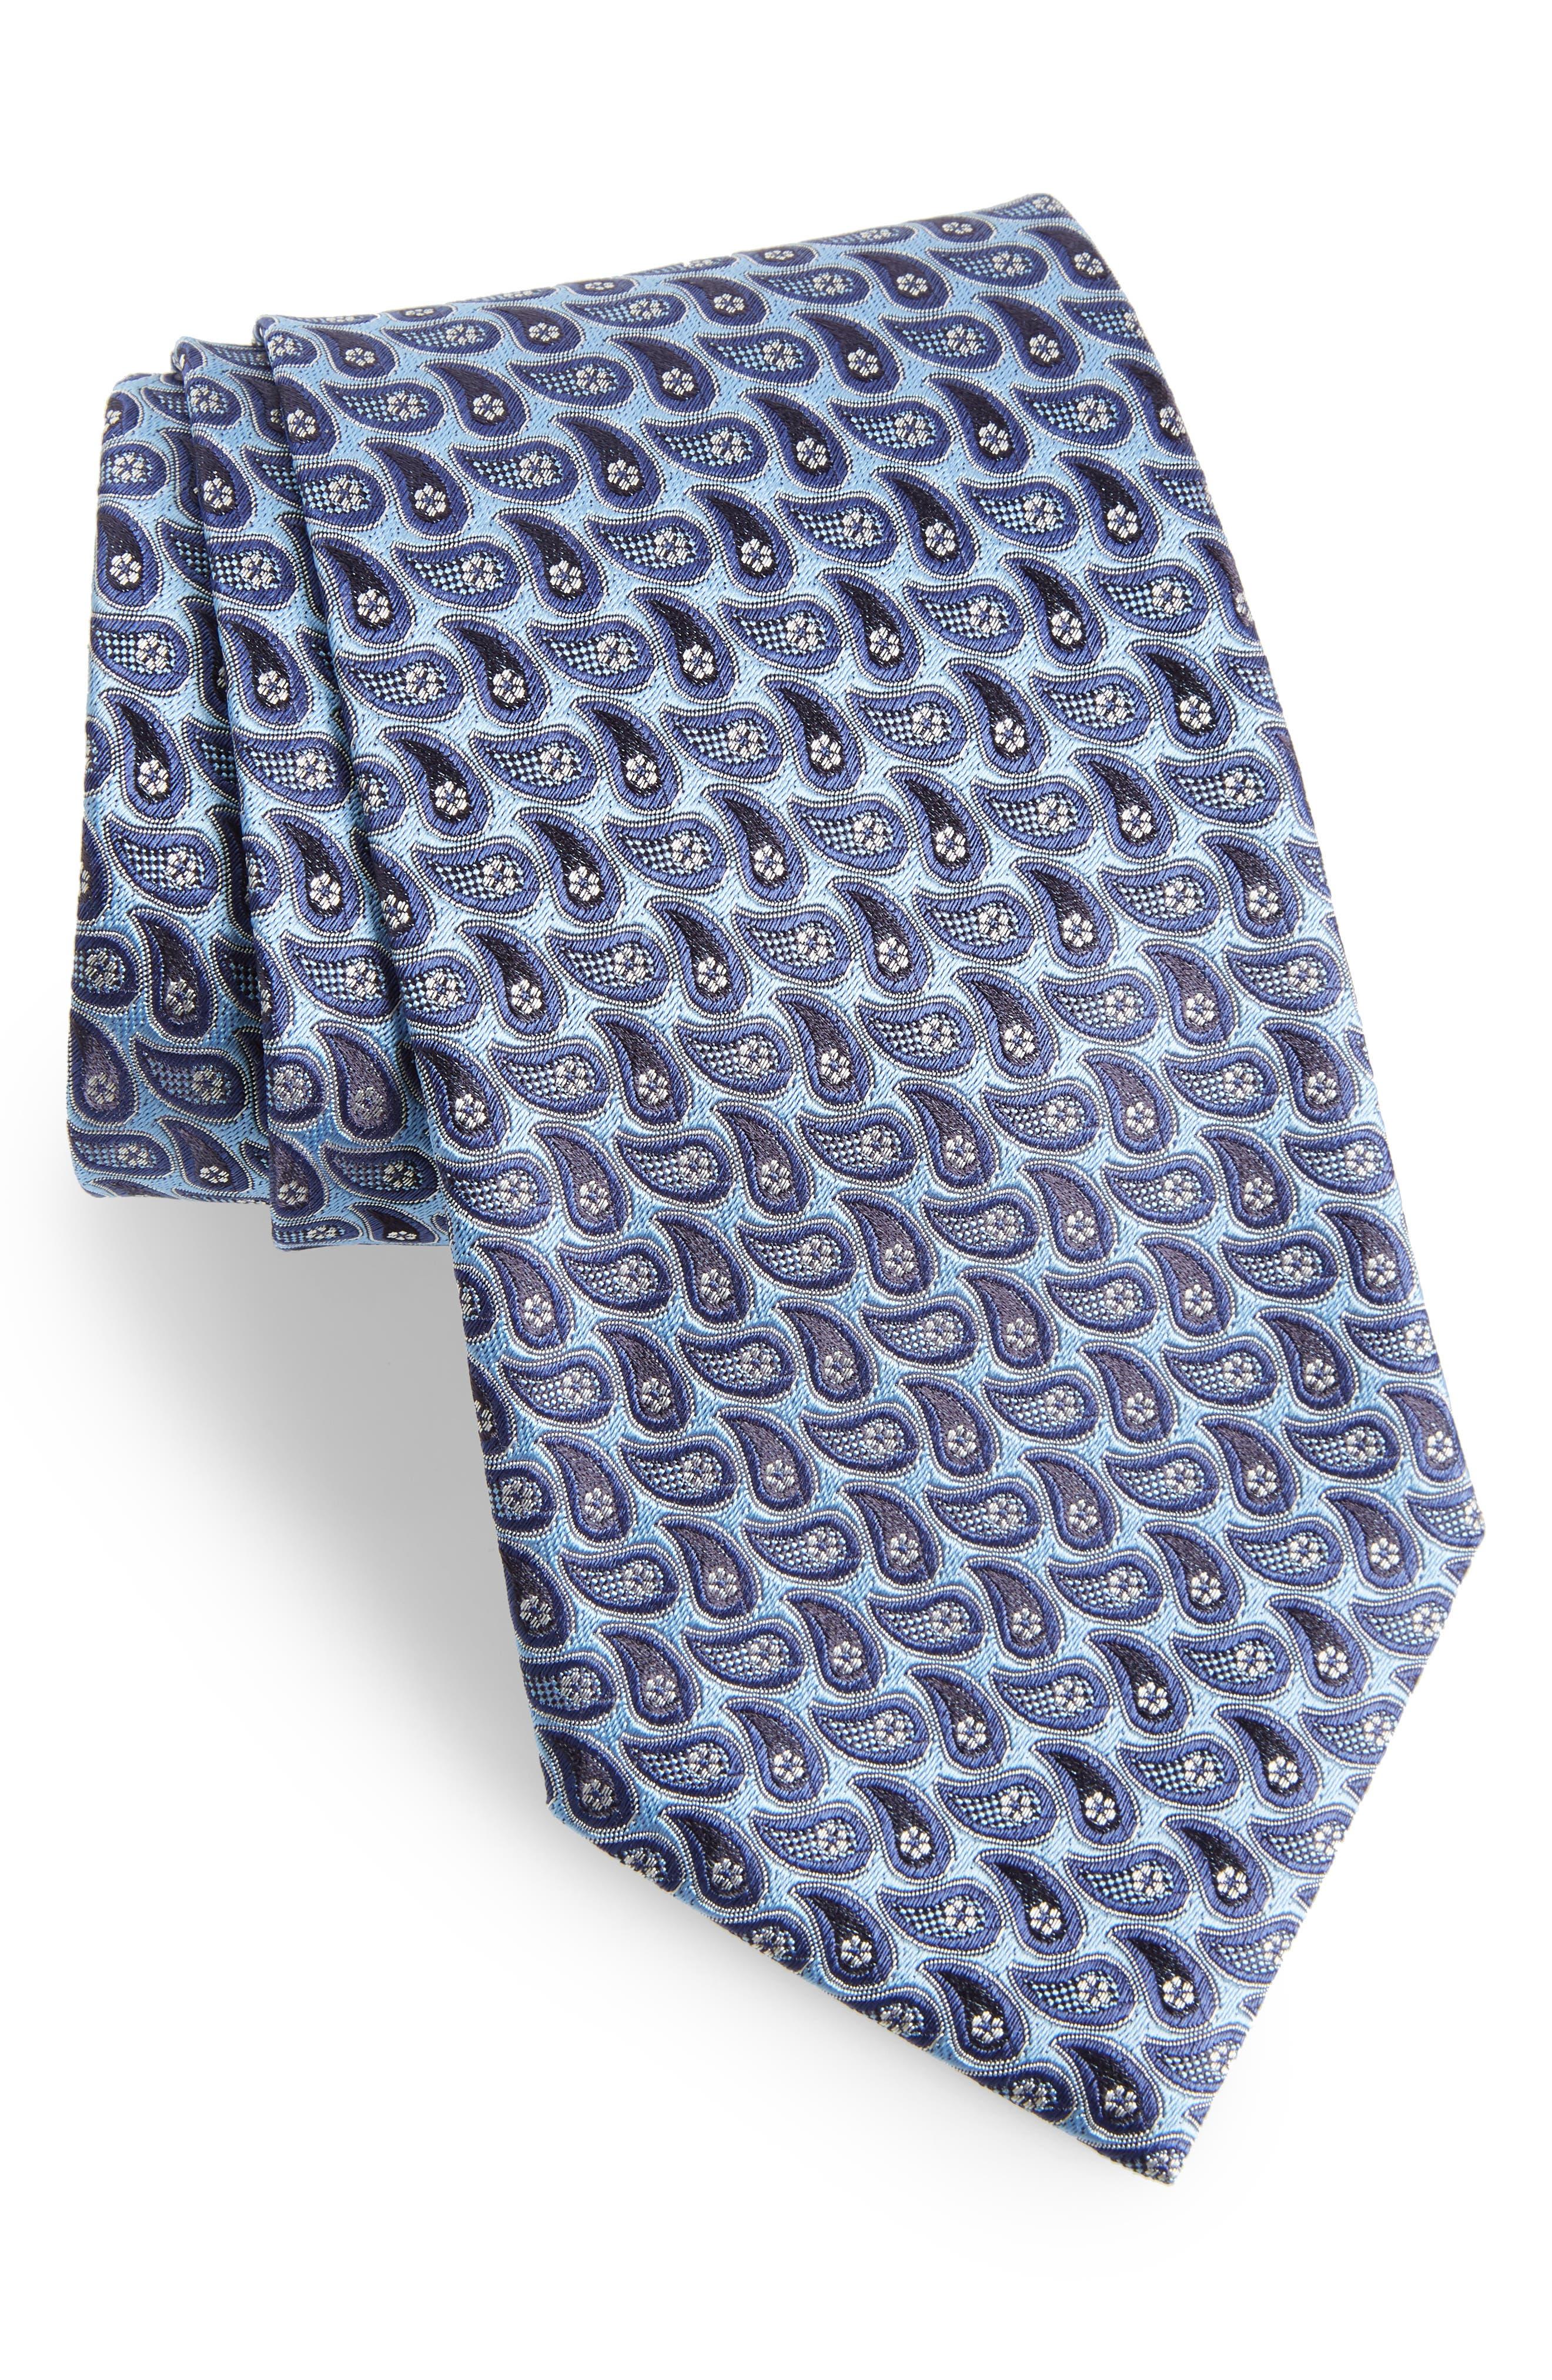 ERMENEGILDO ZEGNA Geometric Paisley Silk Tie, Main, color, BLUE